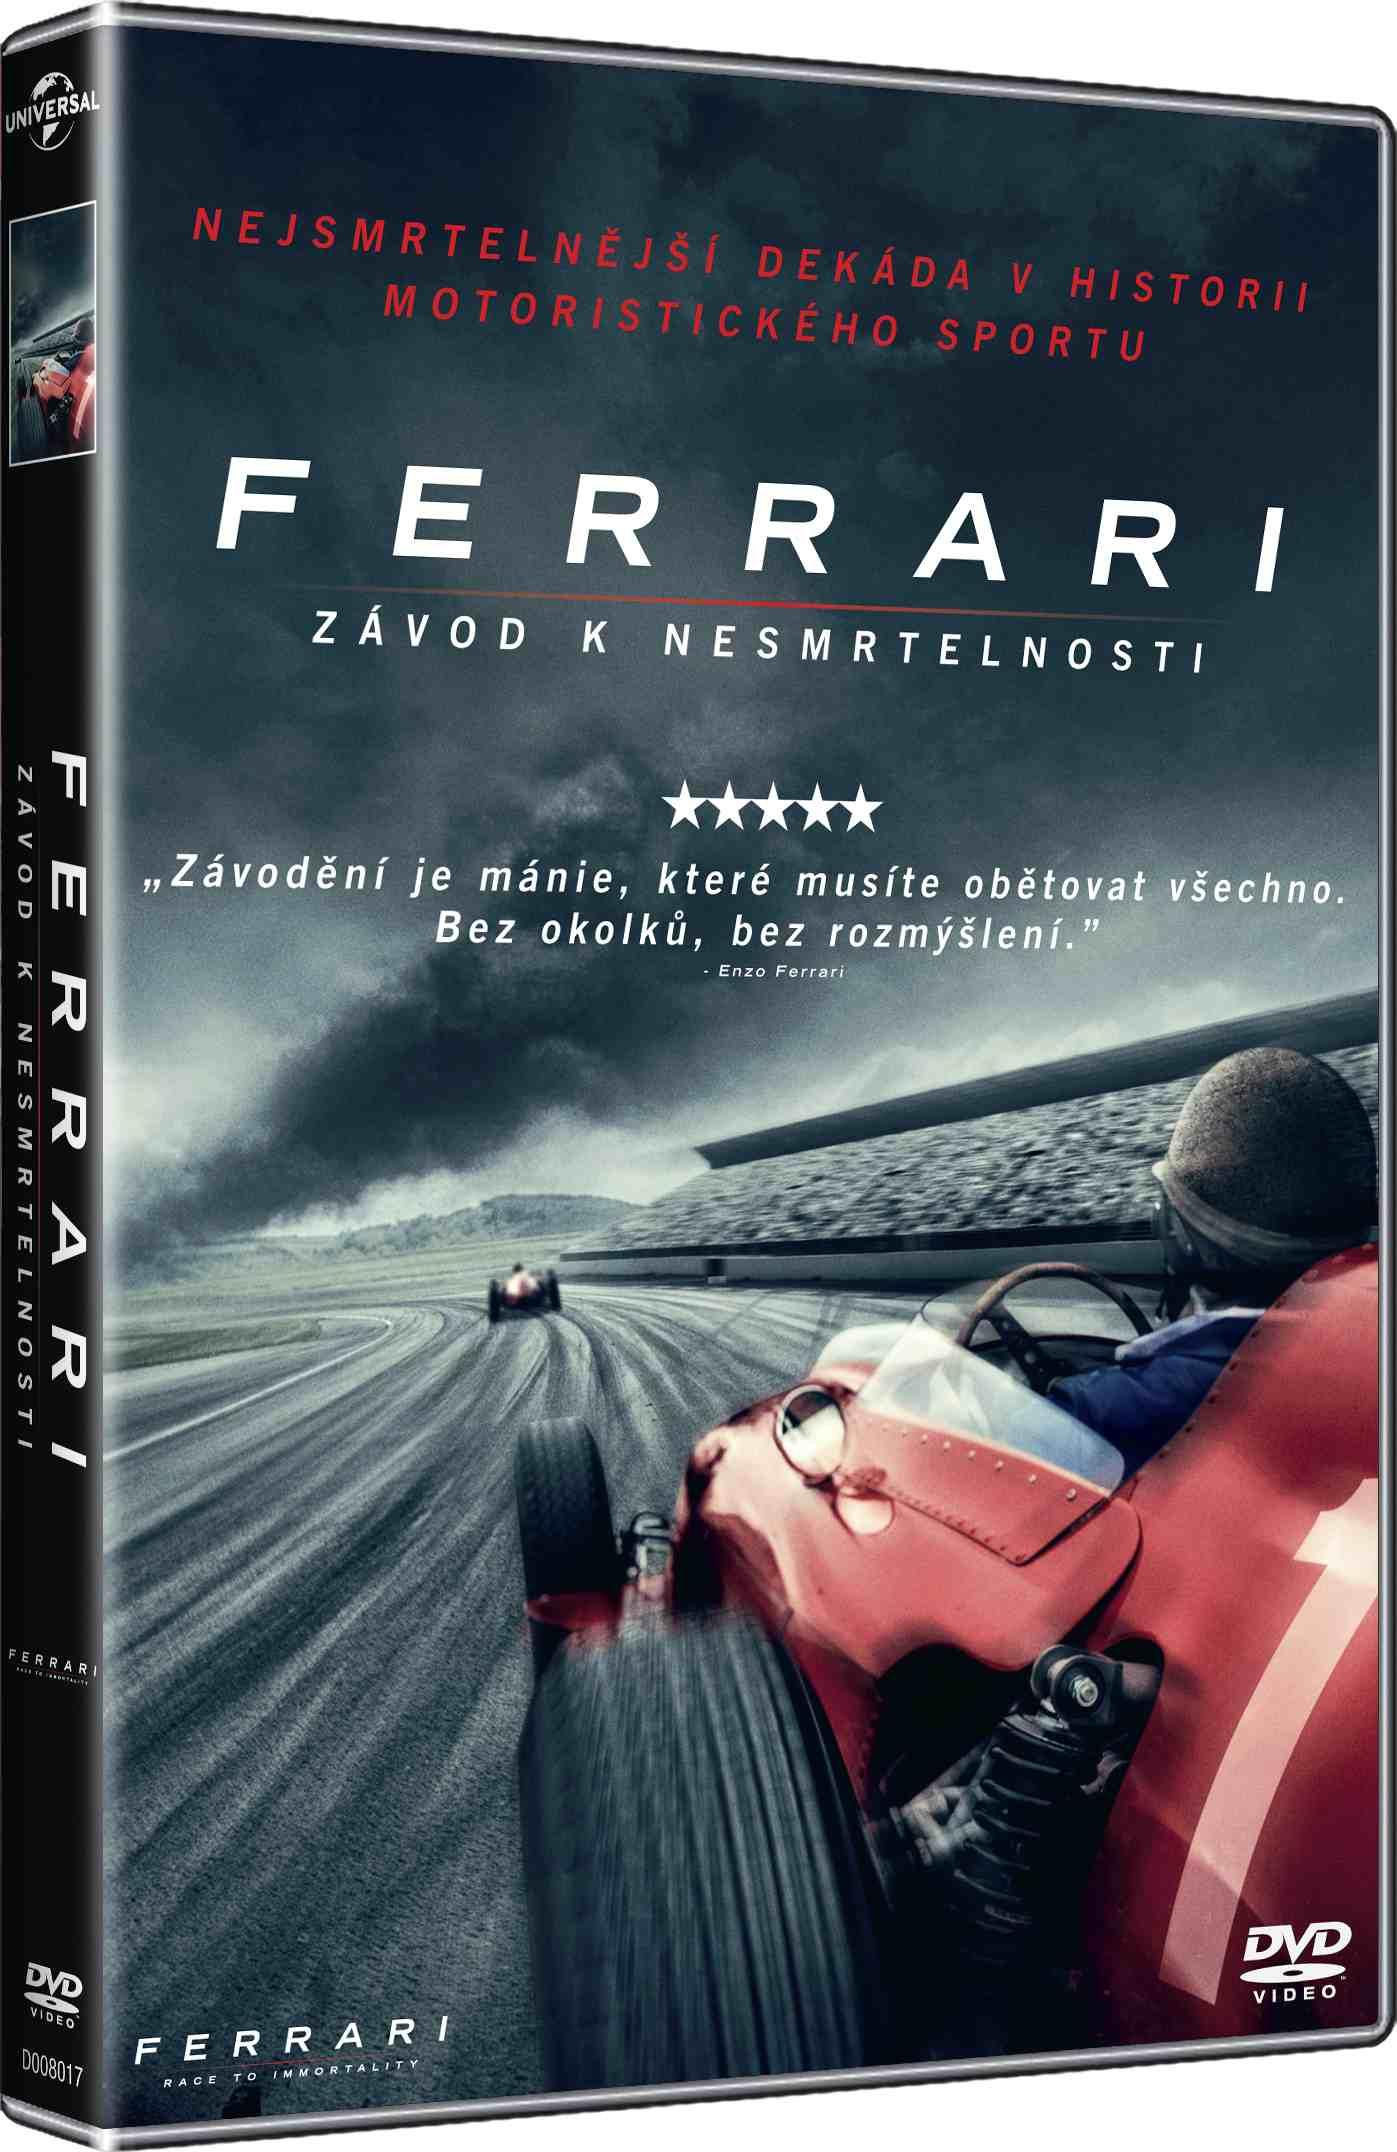 Ferrari: Závod k nesmrtelnosti - DVD